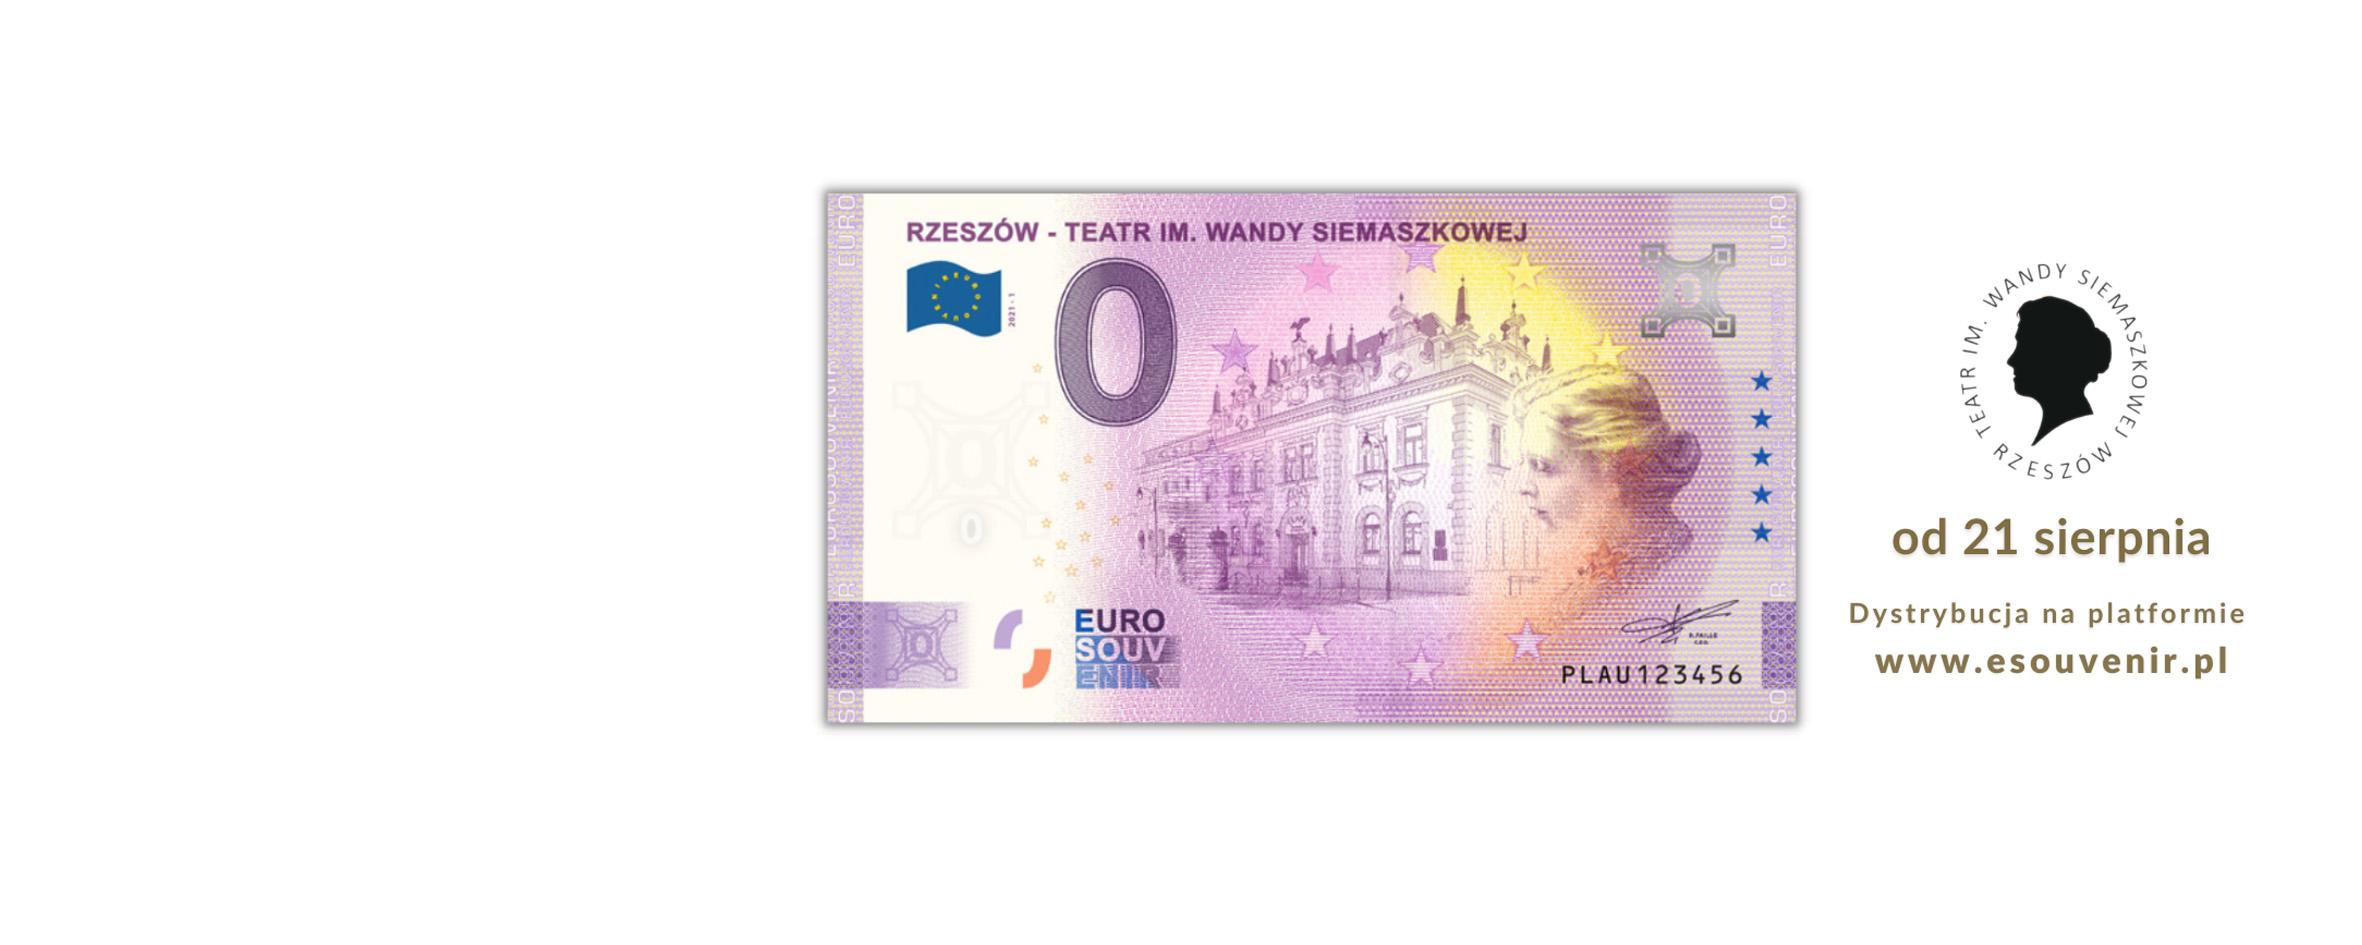 Premiera Banknotu 0 Euro z podobizną Wandy Siemaszkowej